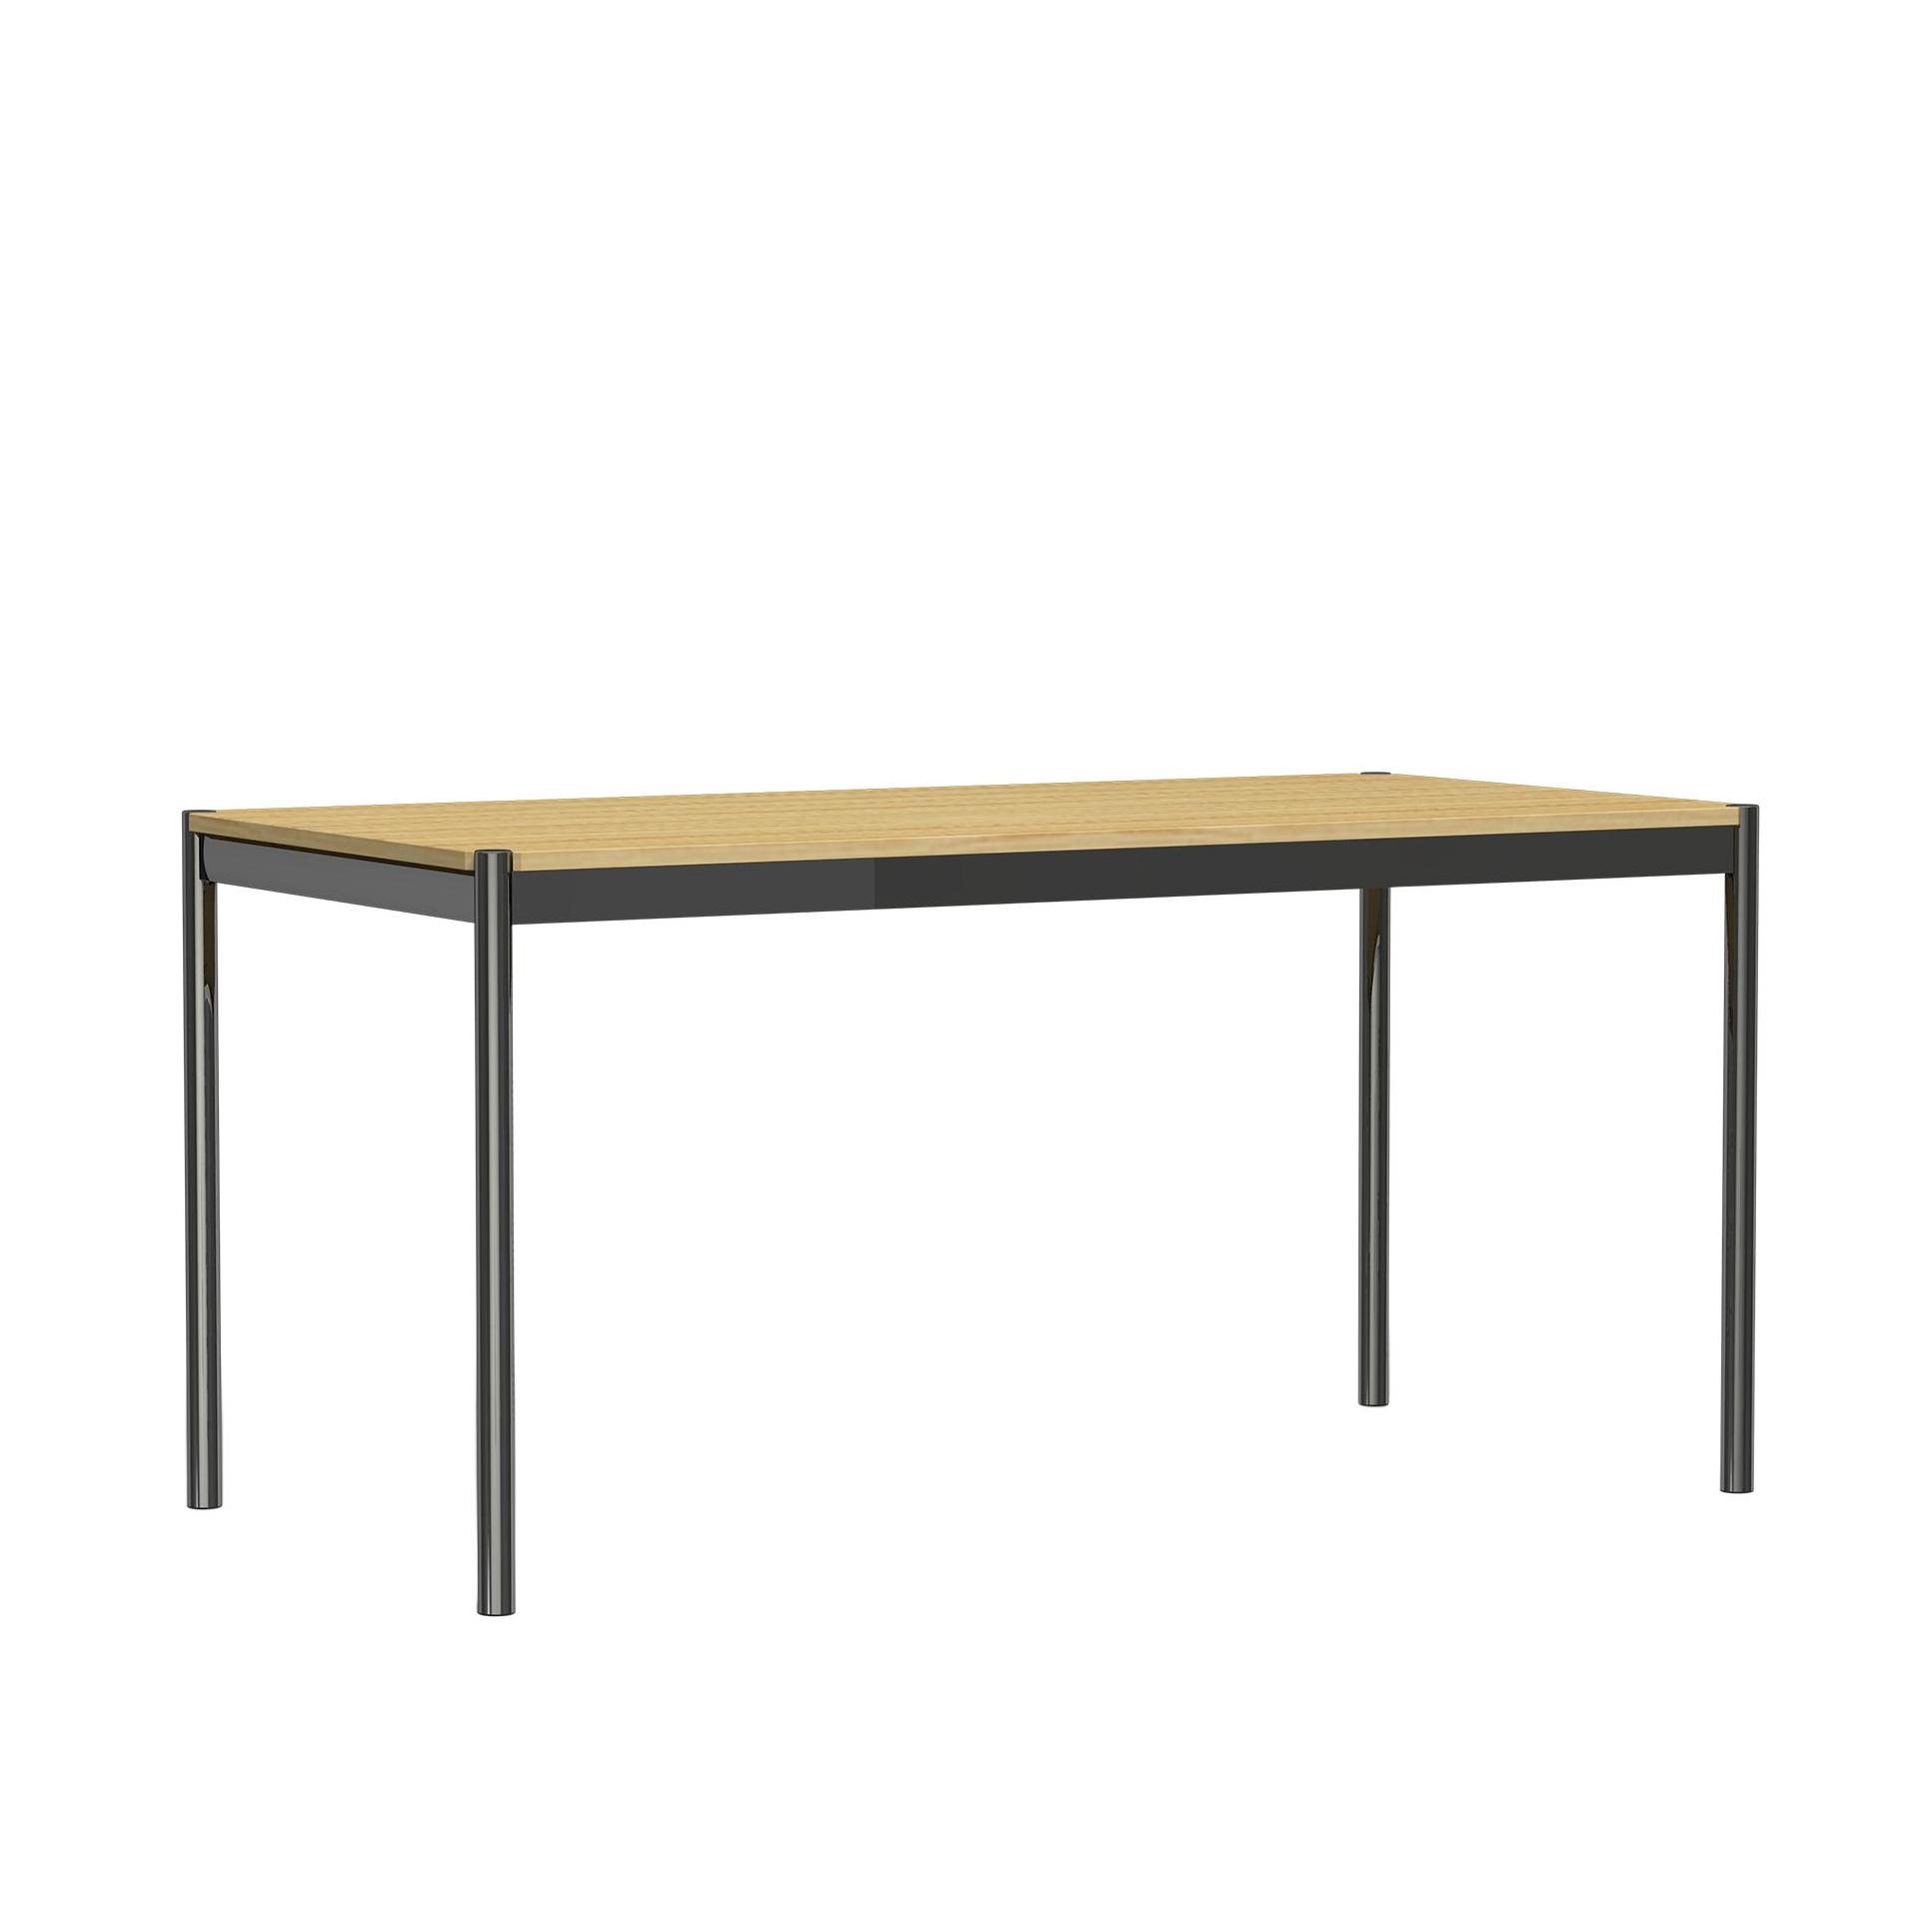 USM Haller Tisch 175x75cm natur 07 Eiche furniert lackiert LxBxH 175x75x74cm Gestell Stahl verchromt